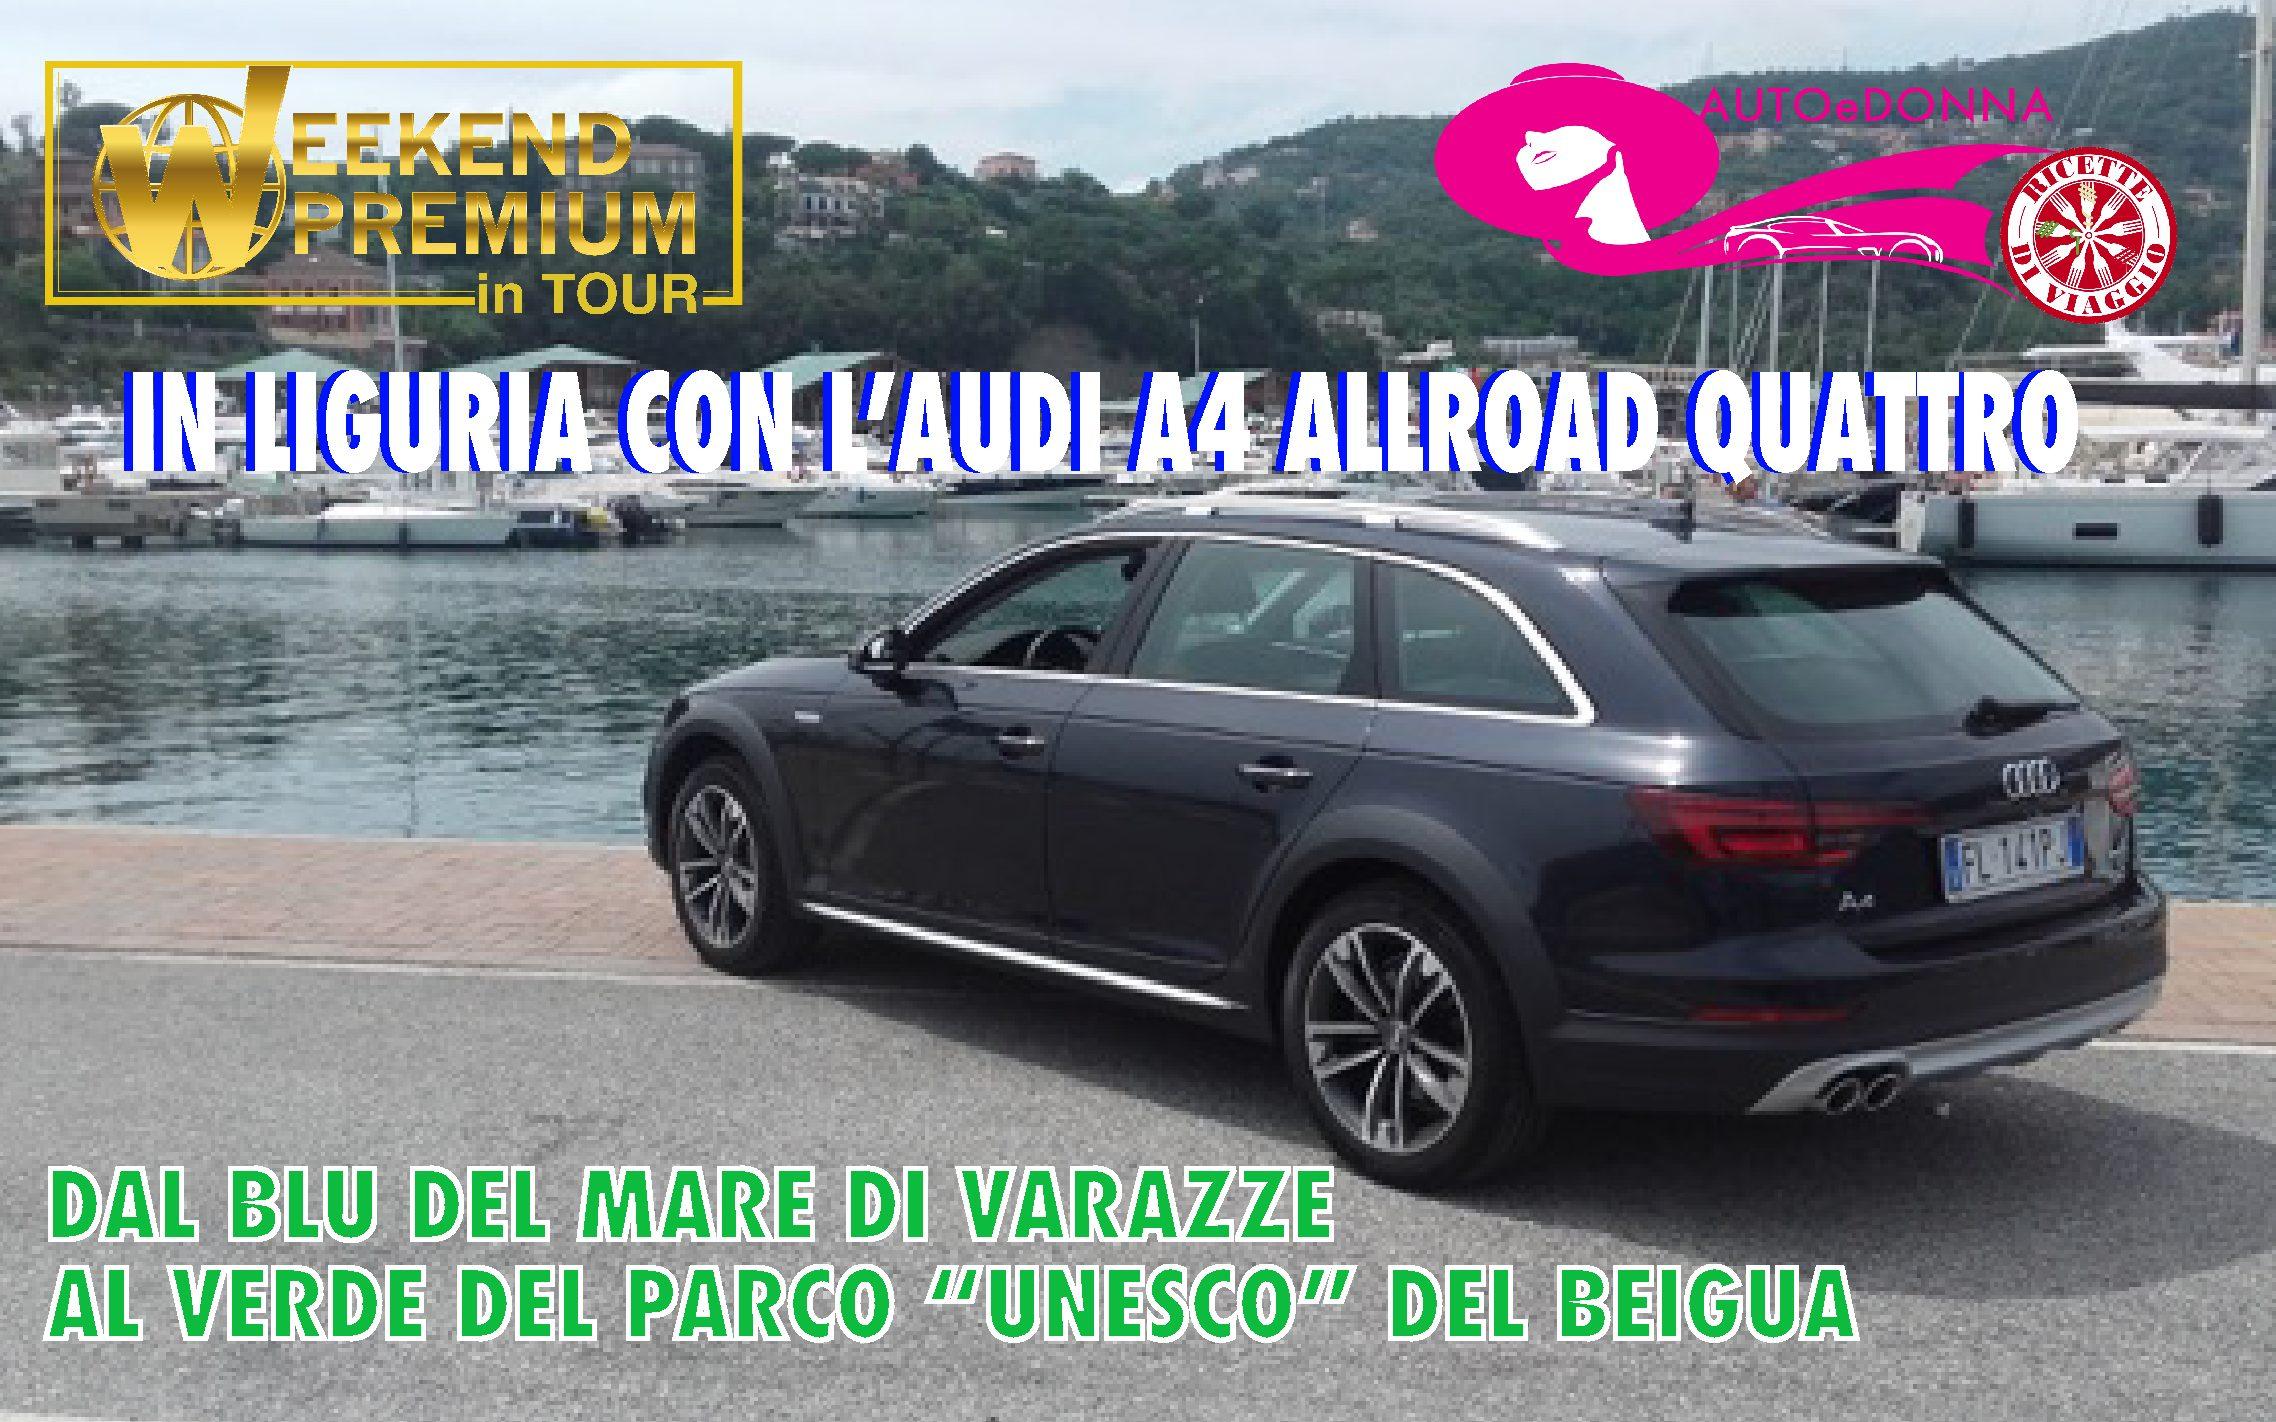 """on Audi A4 Allroad dal blu del mare di Varazze, al verde del parco""""UNESCO"""" del Beigua"""